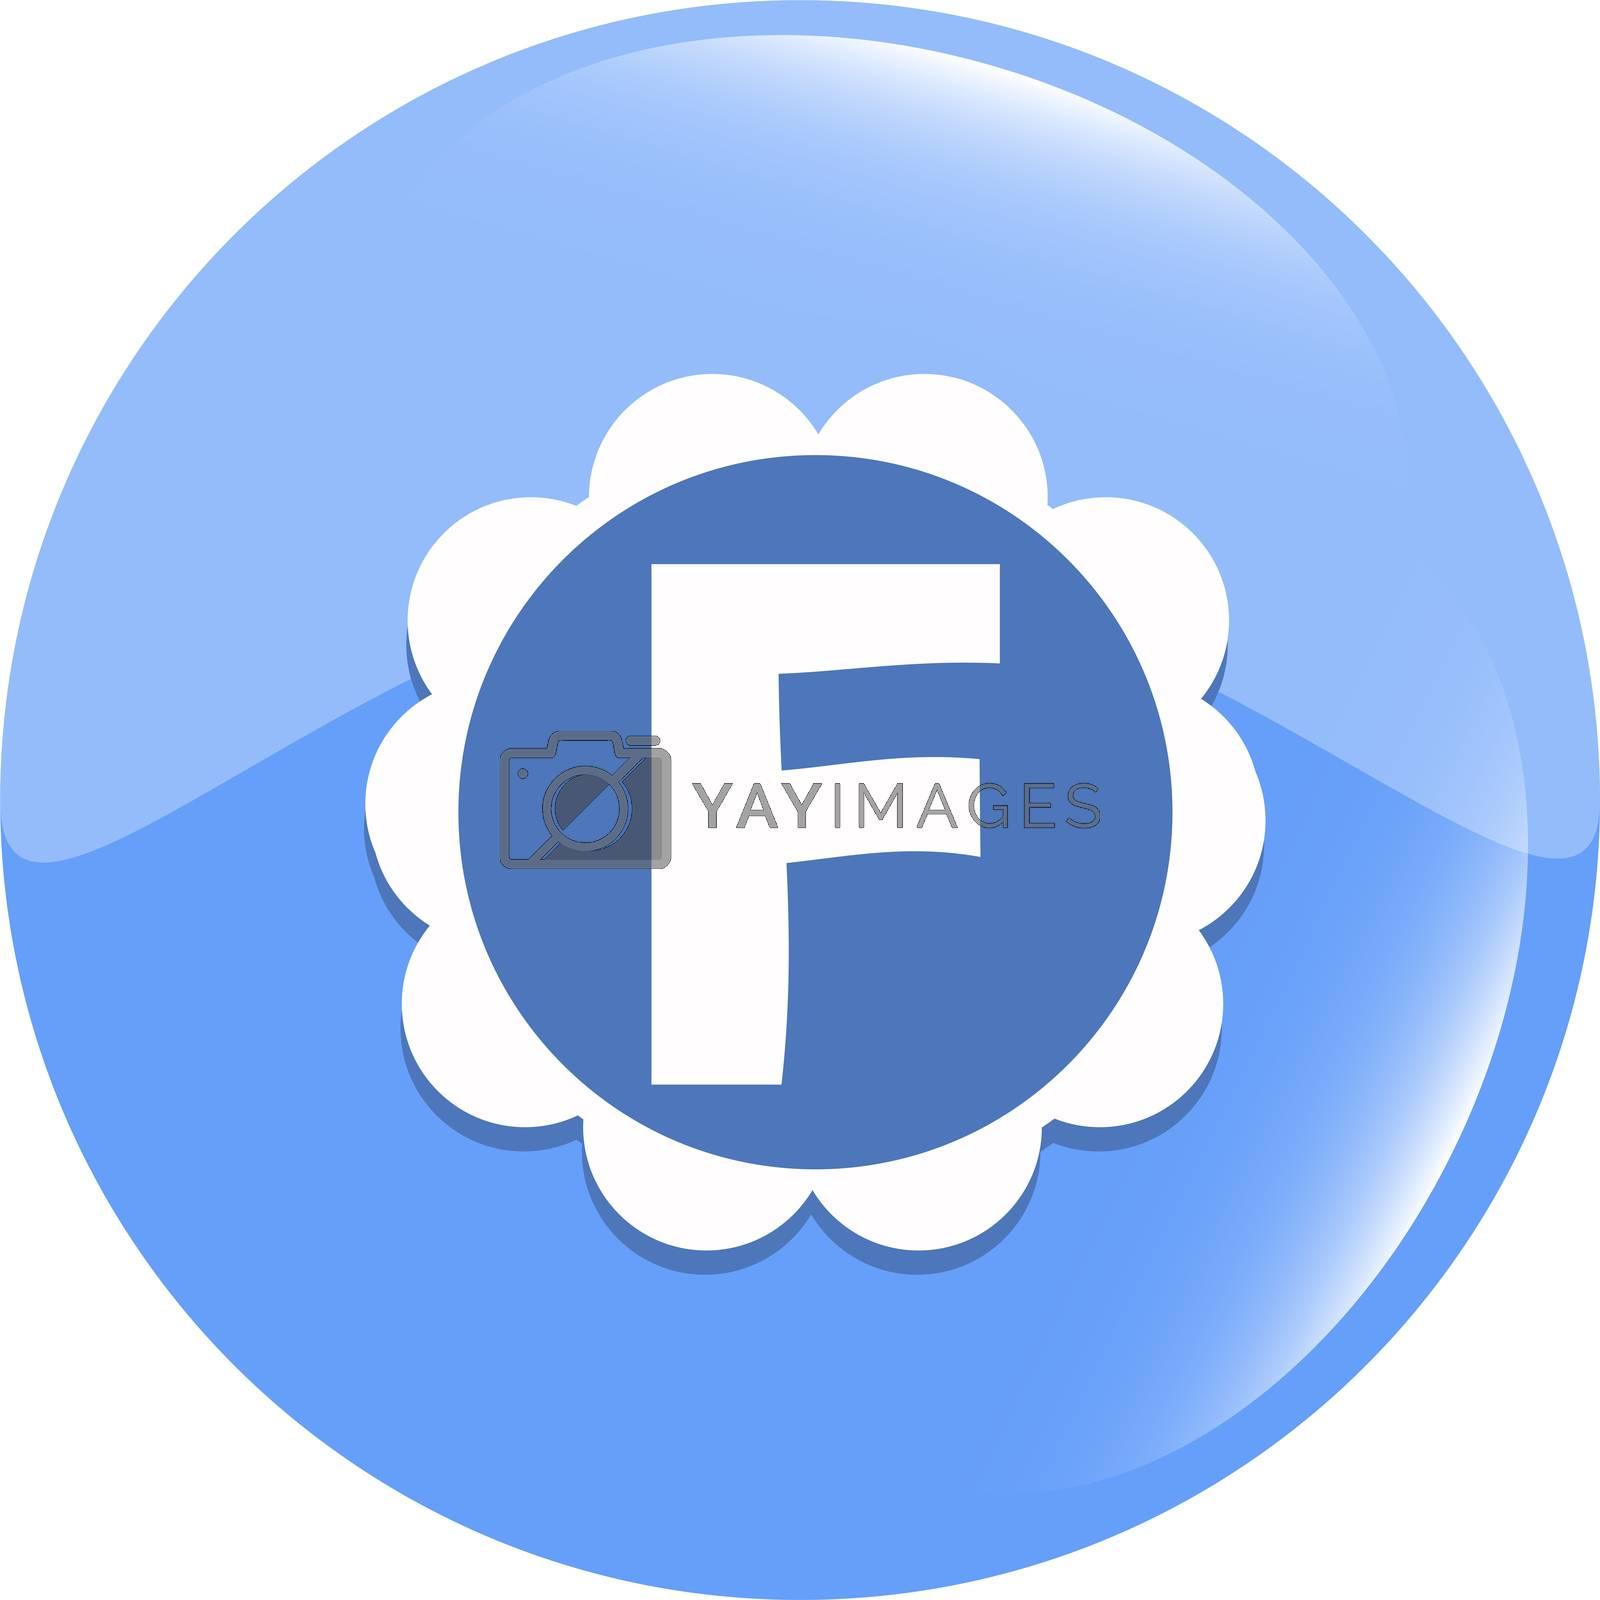 letter F in the web button. Letter F icon symbol design